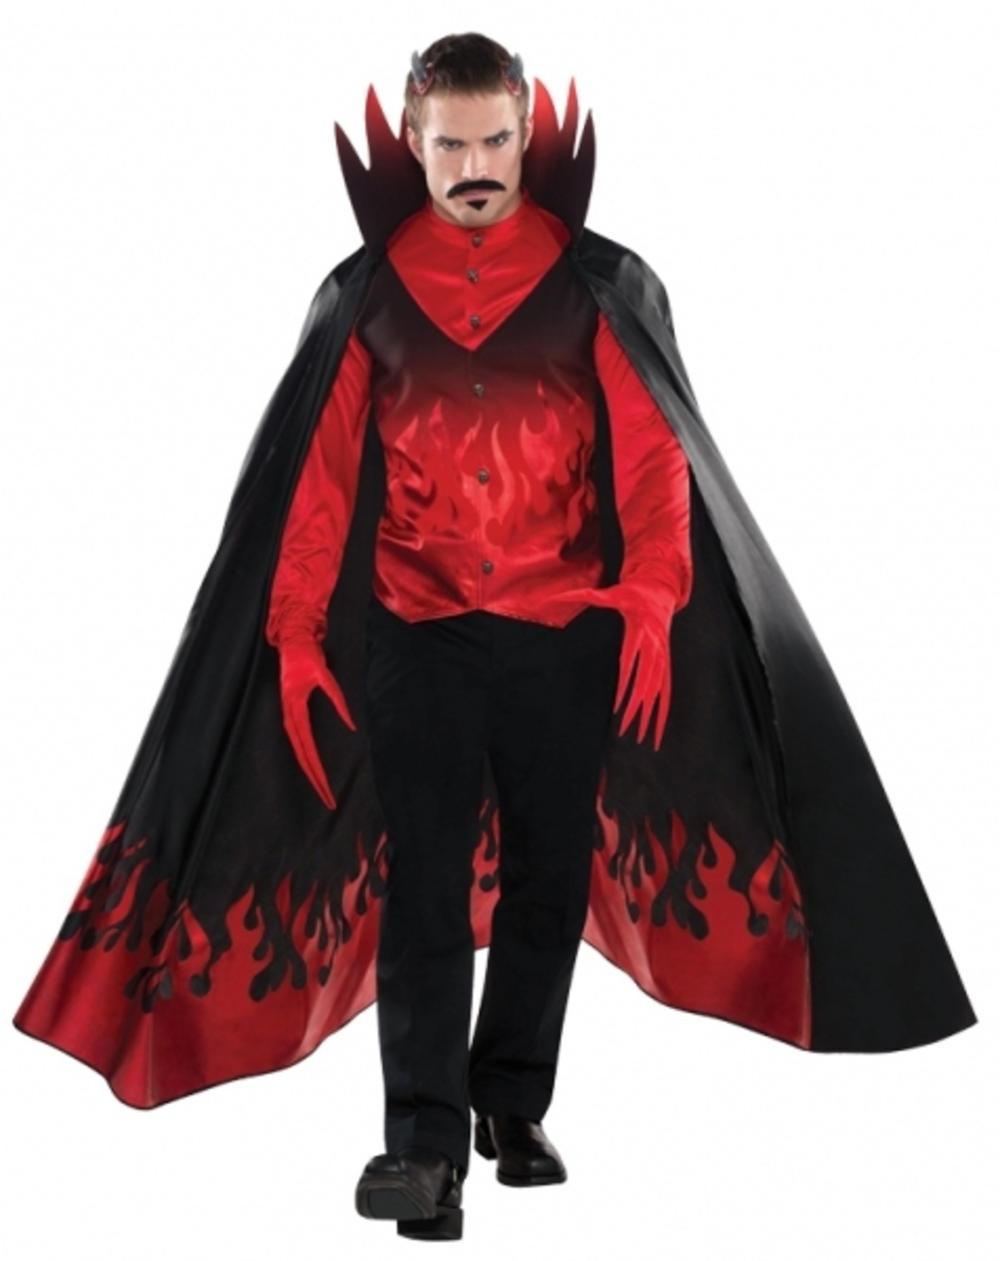 Deluxe Diablo Devil + Cape Mens Halloween Fancy Dress Horror Adults Costume New